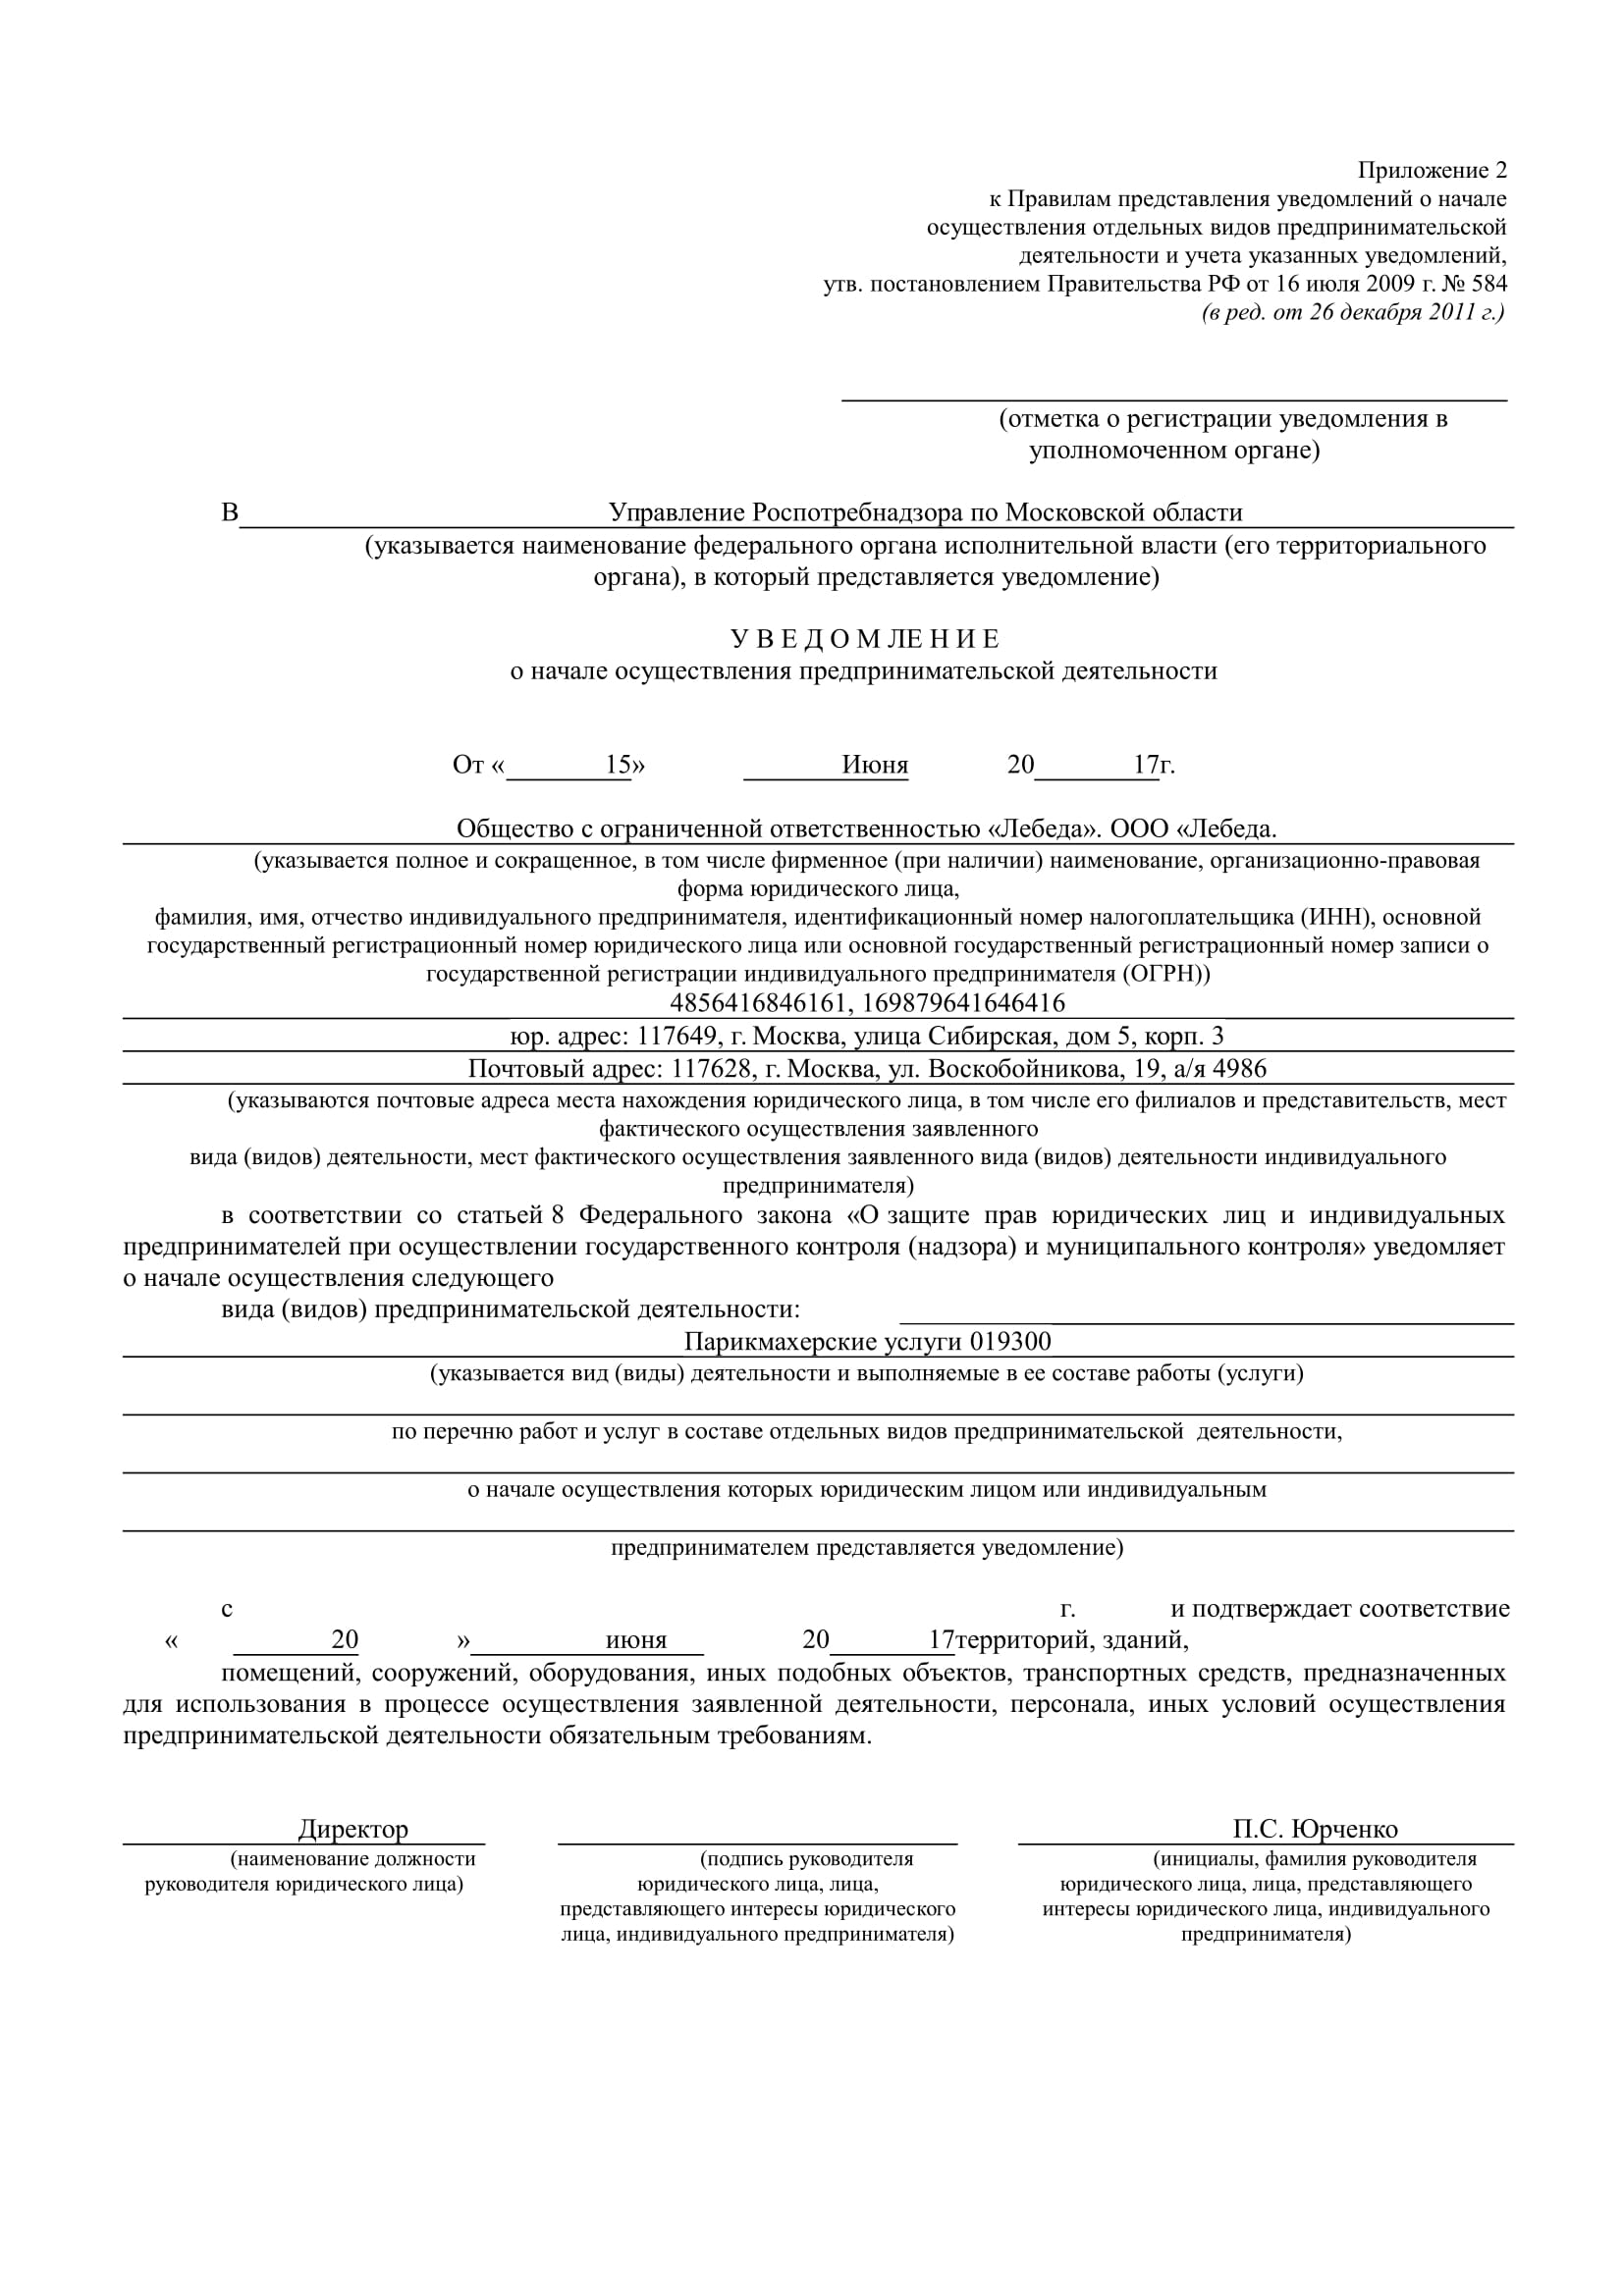 Уведомление о регистрации ип в роспотребнадзор центр бухгалтерского обслуживания и ресурсного обеспечения старооскольского городского